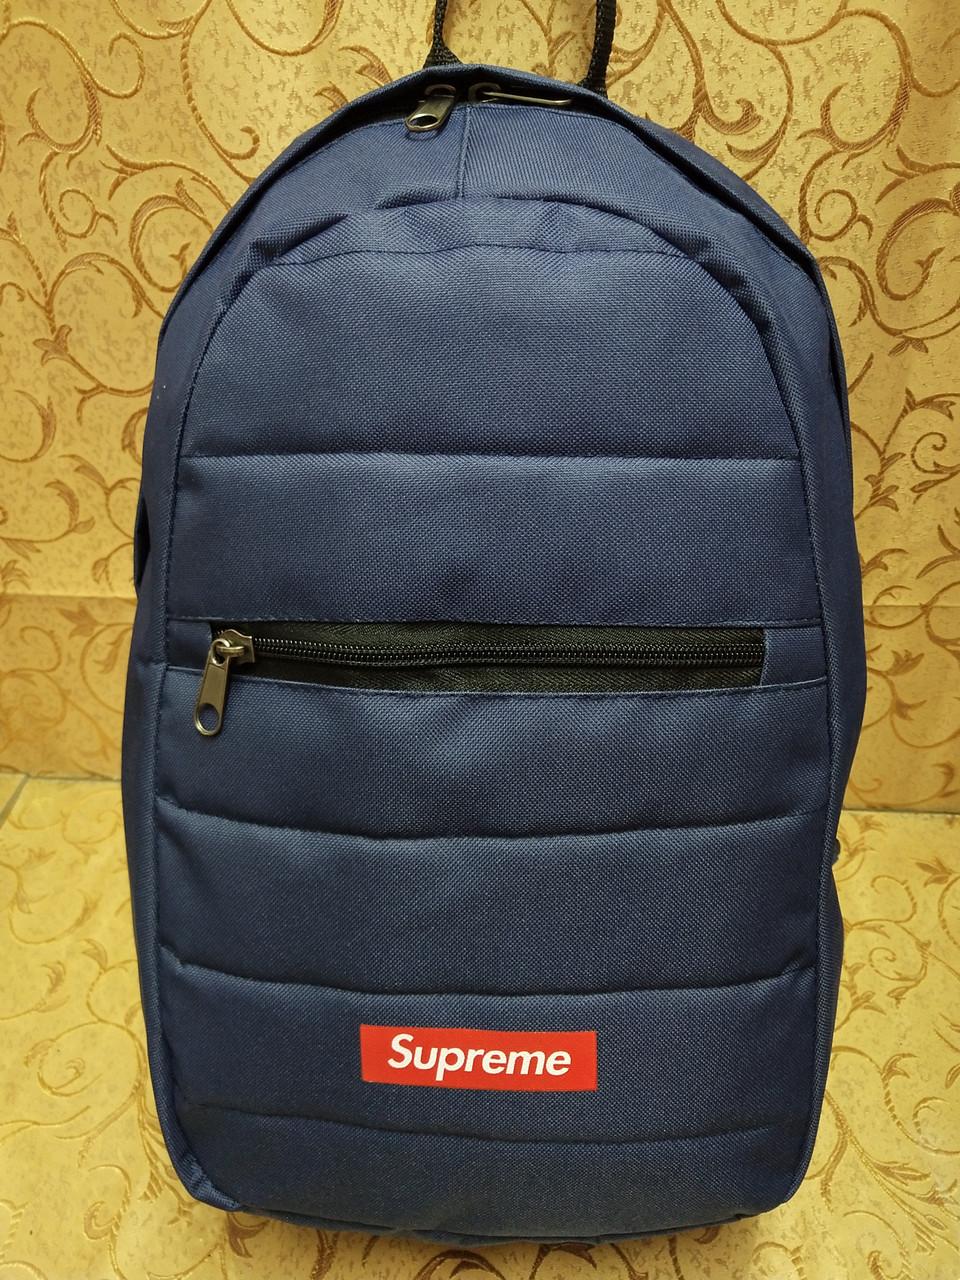 Рюкзак Supreme новинки моды спортивный спорт городской стильный Школьный рюкзак только оптом